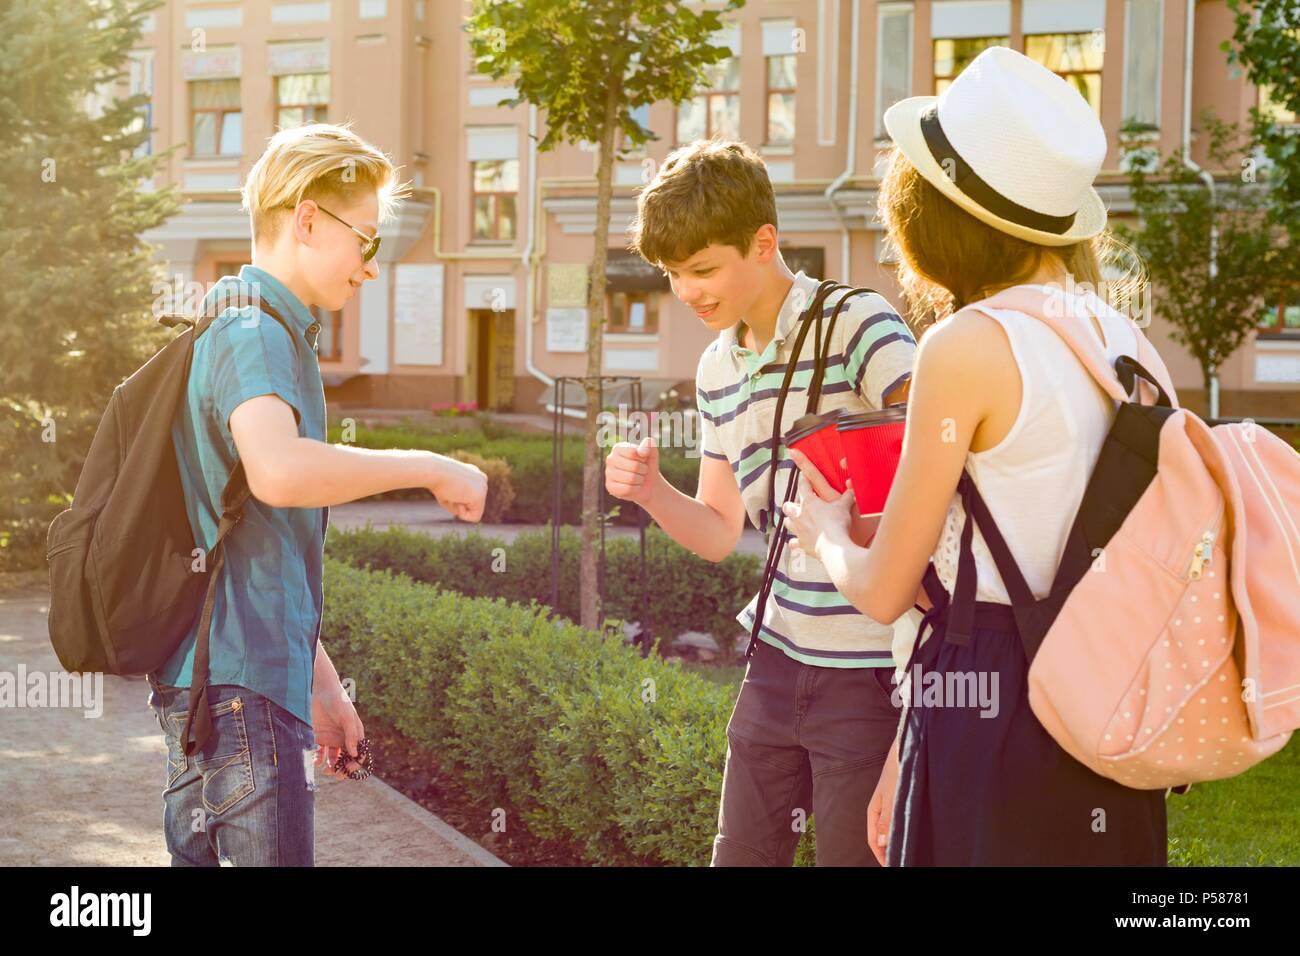 Grüße Gruppe glücklich Jugendliche 13, 14 Jahre zu Fuß entlang der ...